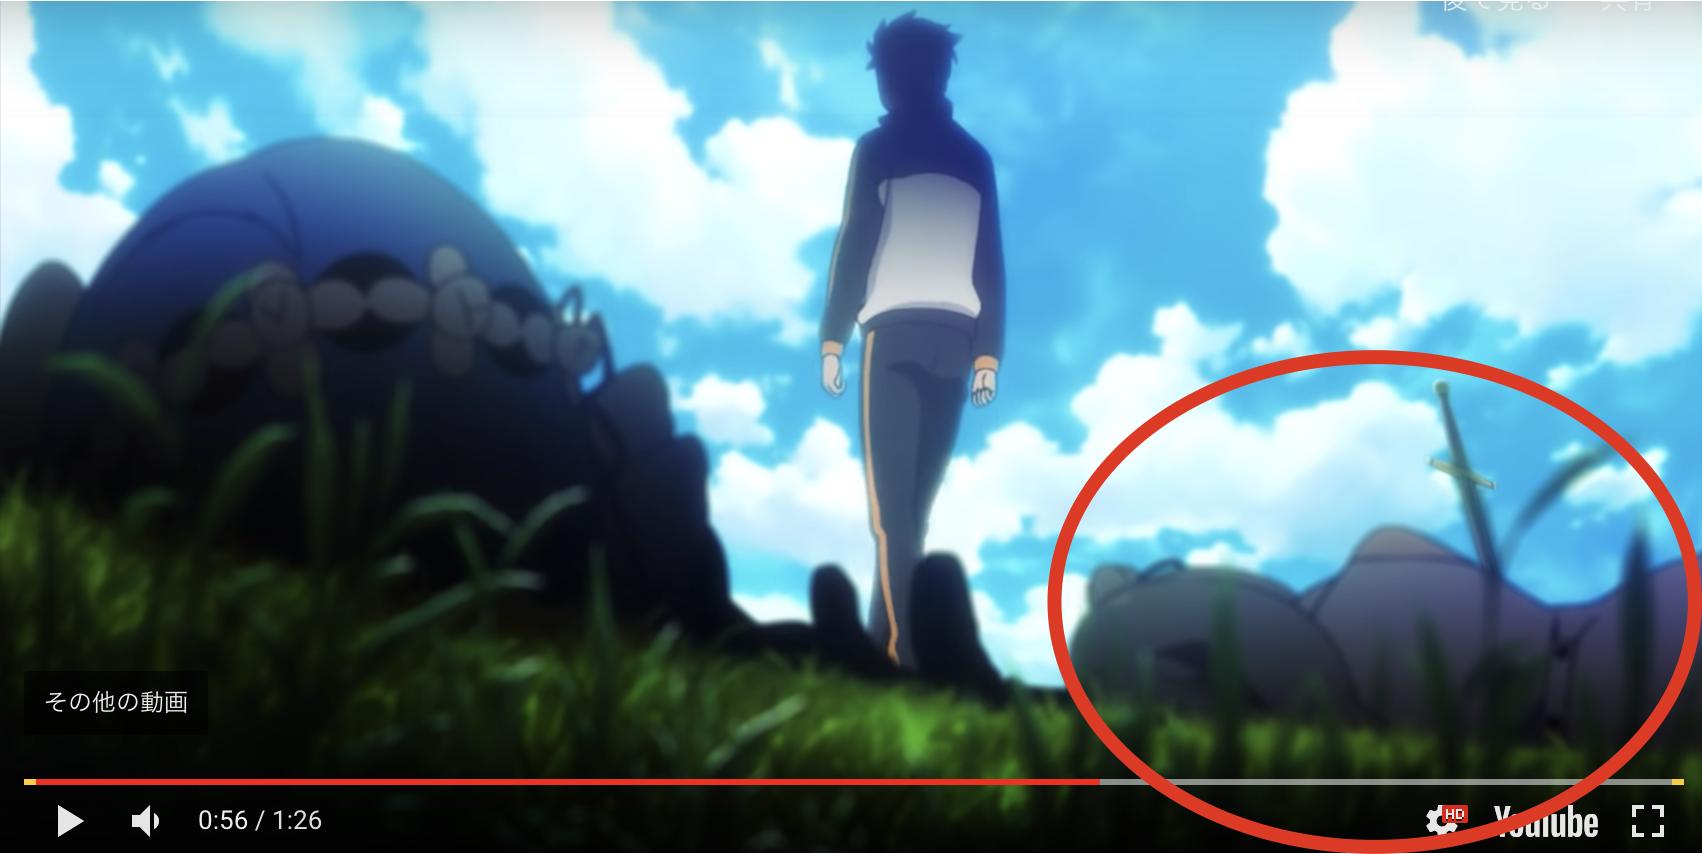 アニメ リゼロ 2期の動画を分析したらラム レム エミリアみんな